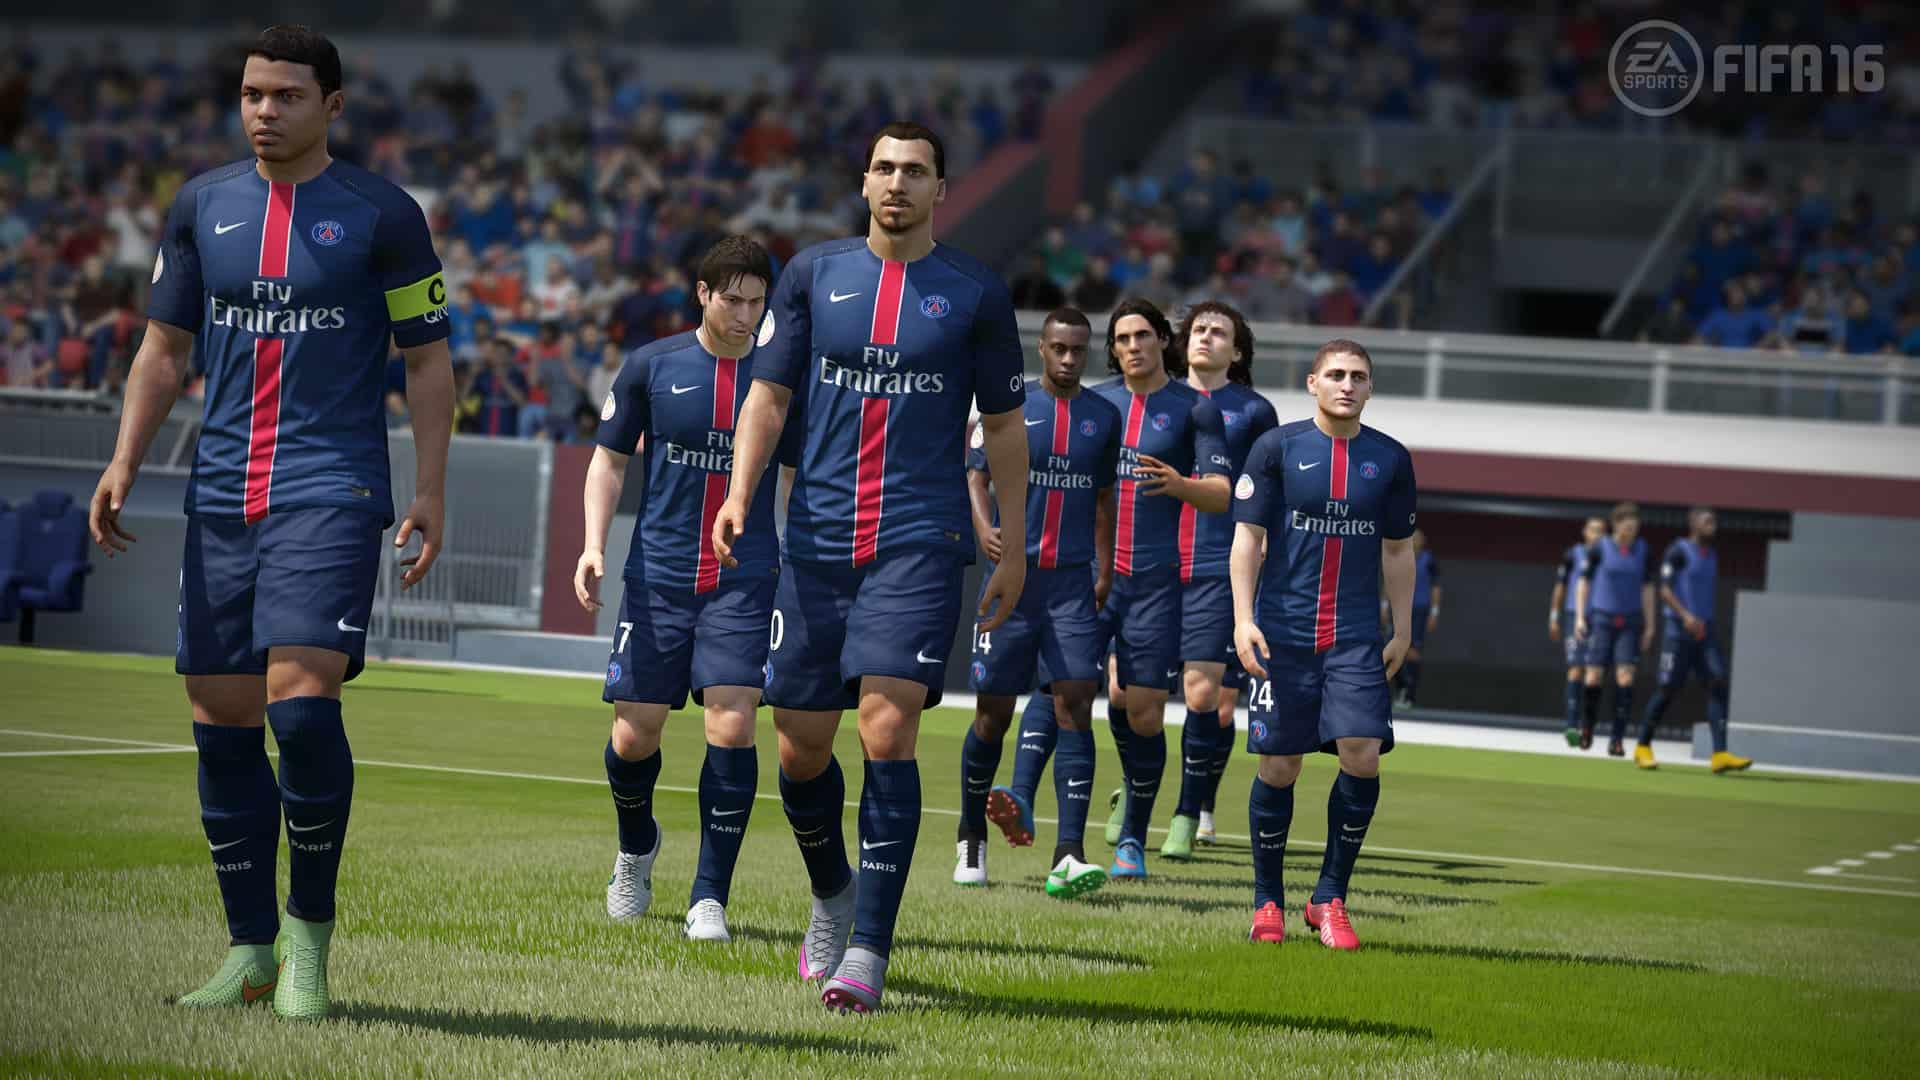 FIFA 16 scaricare gratis di pc